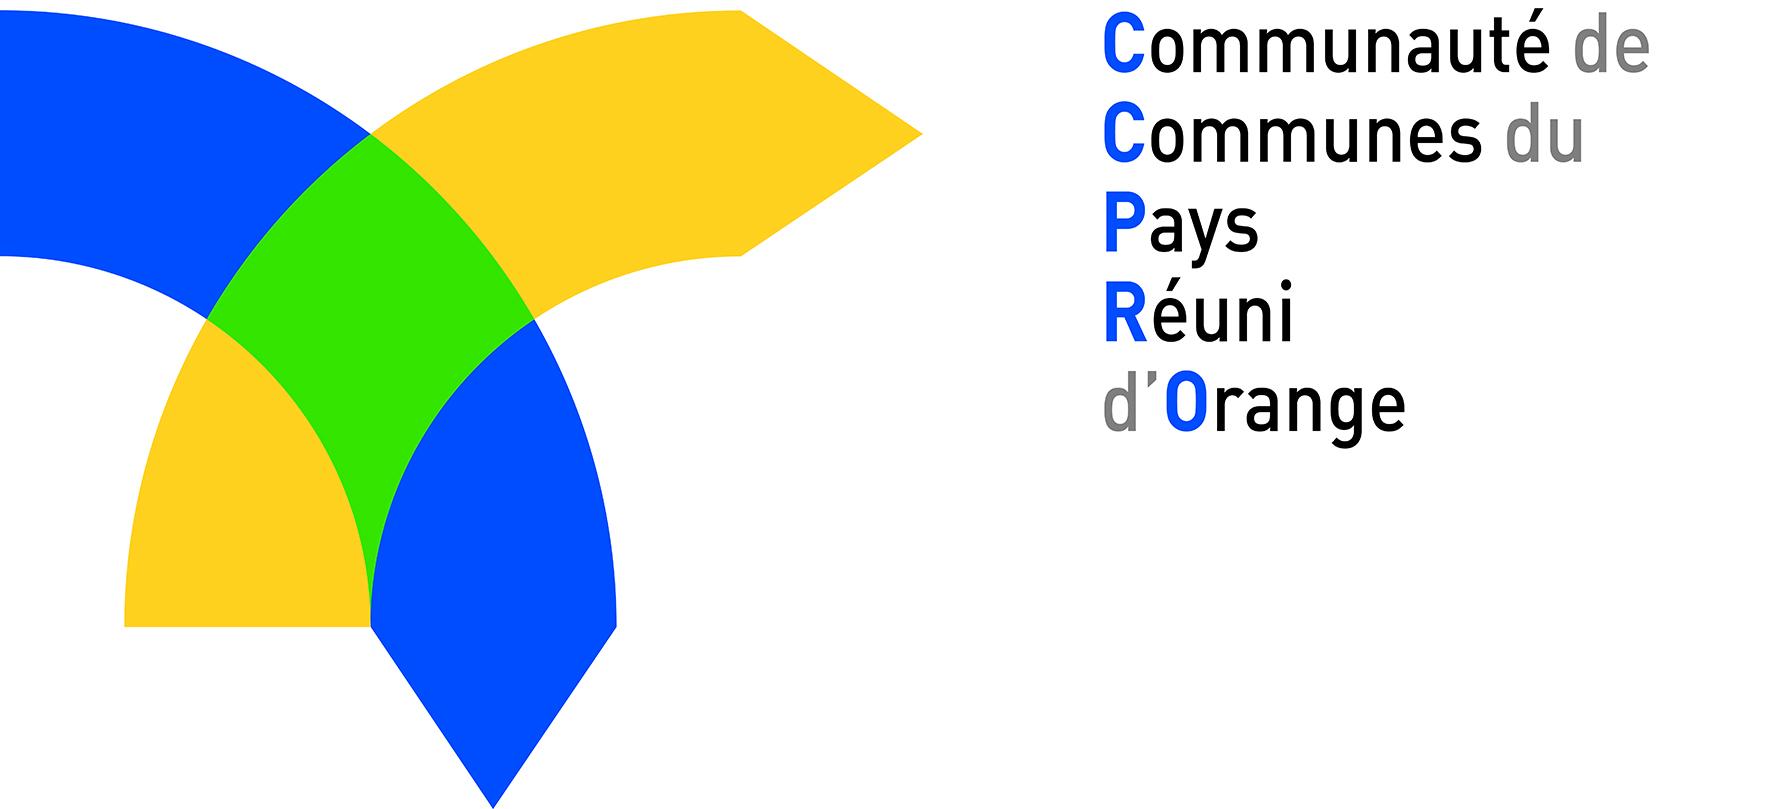 Communauté de Communes du Pays Réuni d'Orange